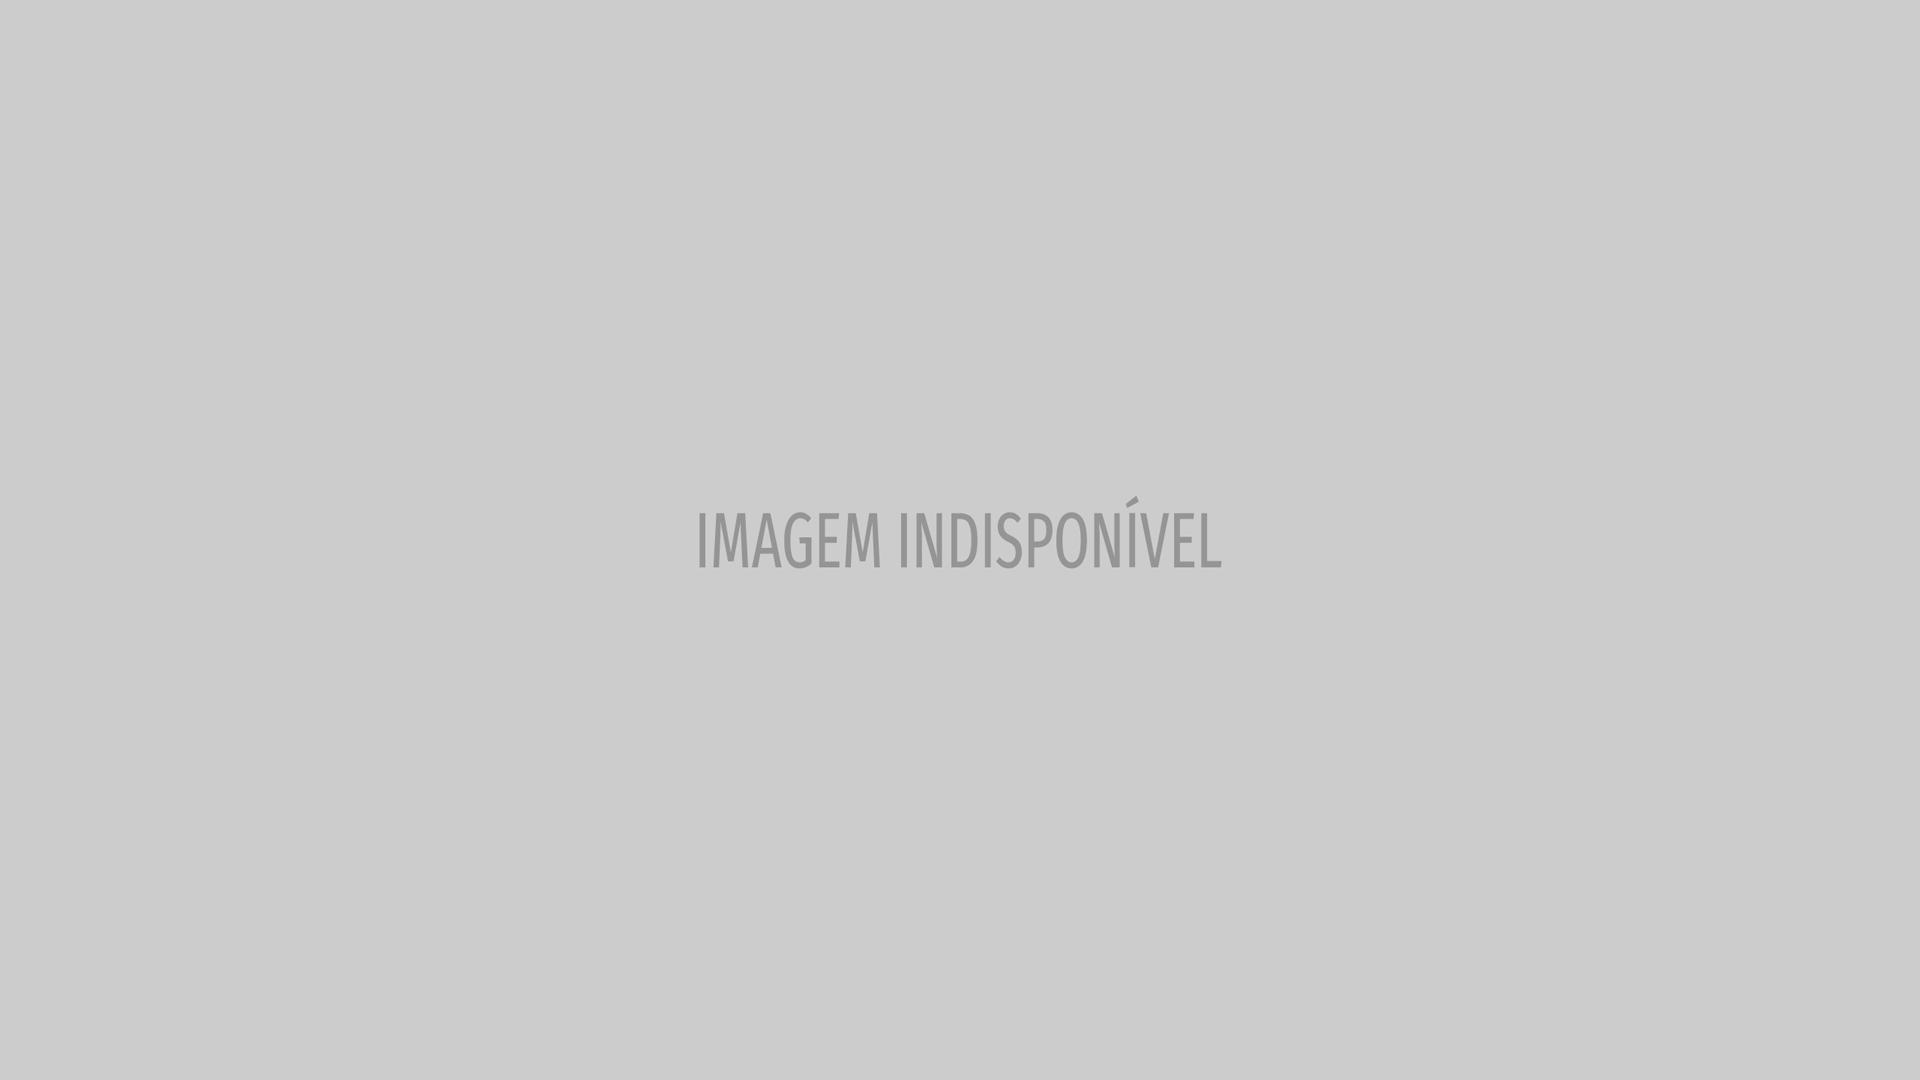 Susava Vieira chora a morte de atriz e cantora Bibi Ferreira